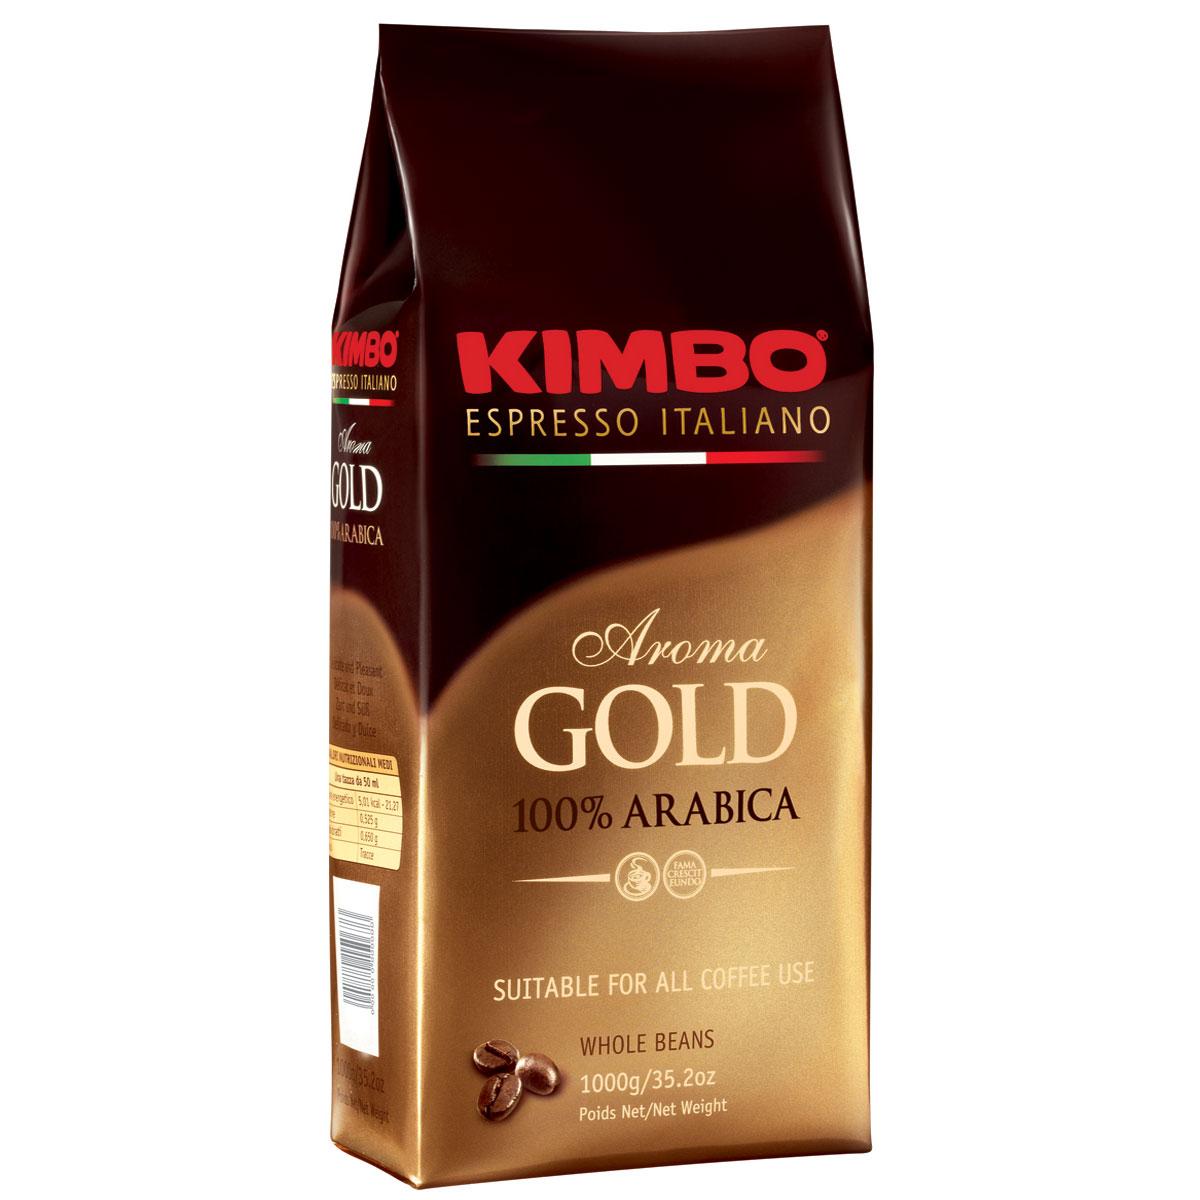 Kimbo Aroma Gold 100% Arabica кофе в зернах, 1 кг0120710Натуральный жареный кофе в зернах Kimbo Aroma Gold 100% Arabica. Смесь превосходной арабики отличается нежным вкусом, мягкой кислинкой и тонкимароматом. Состав смеси: 100% арабика.